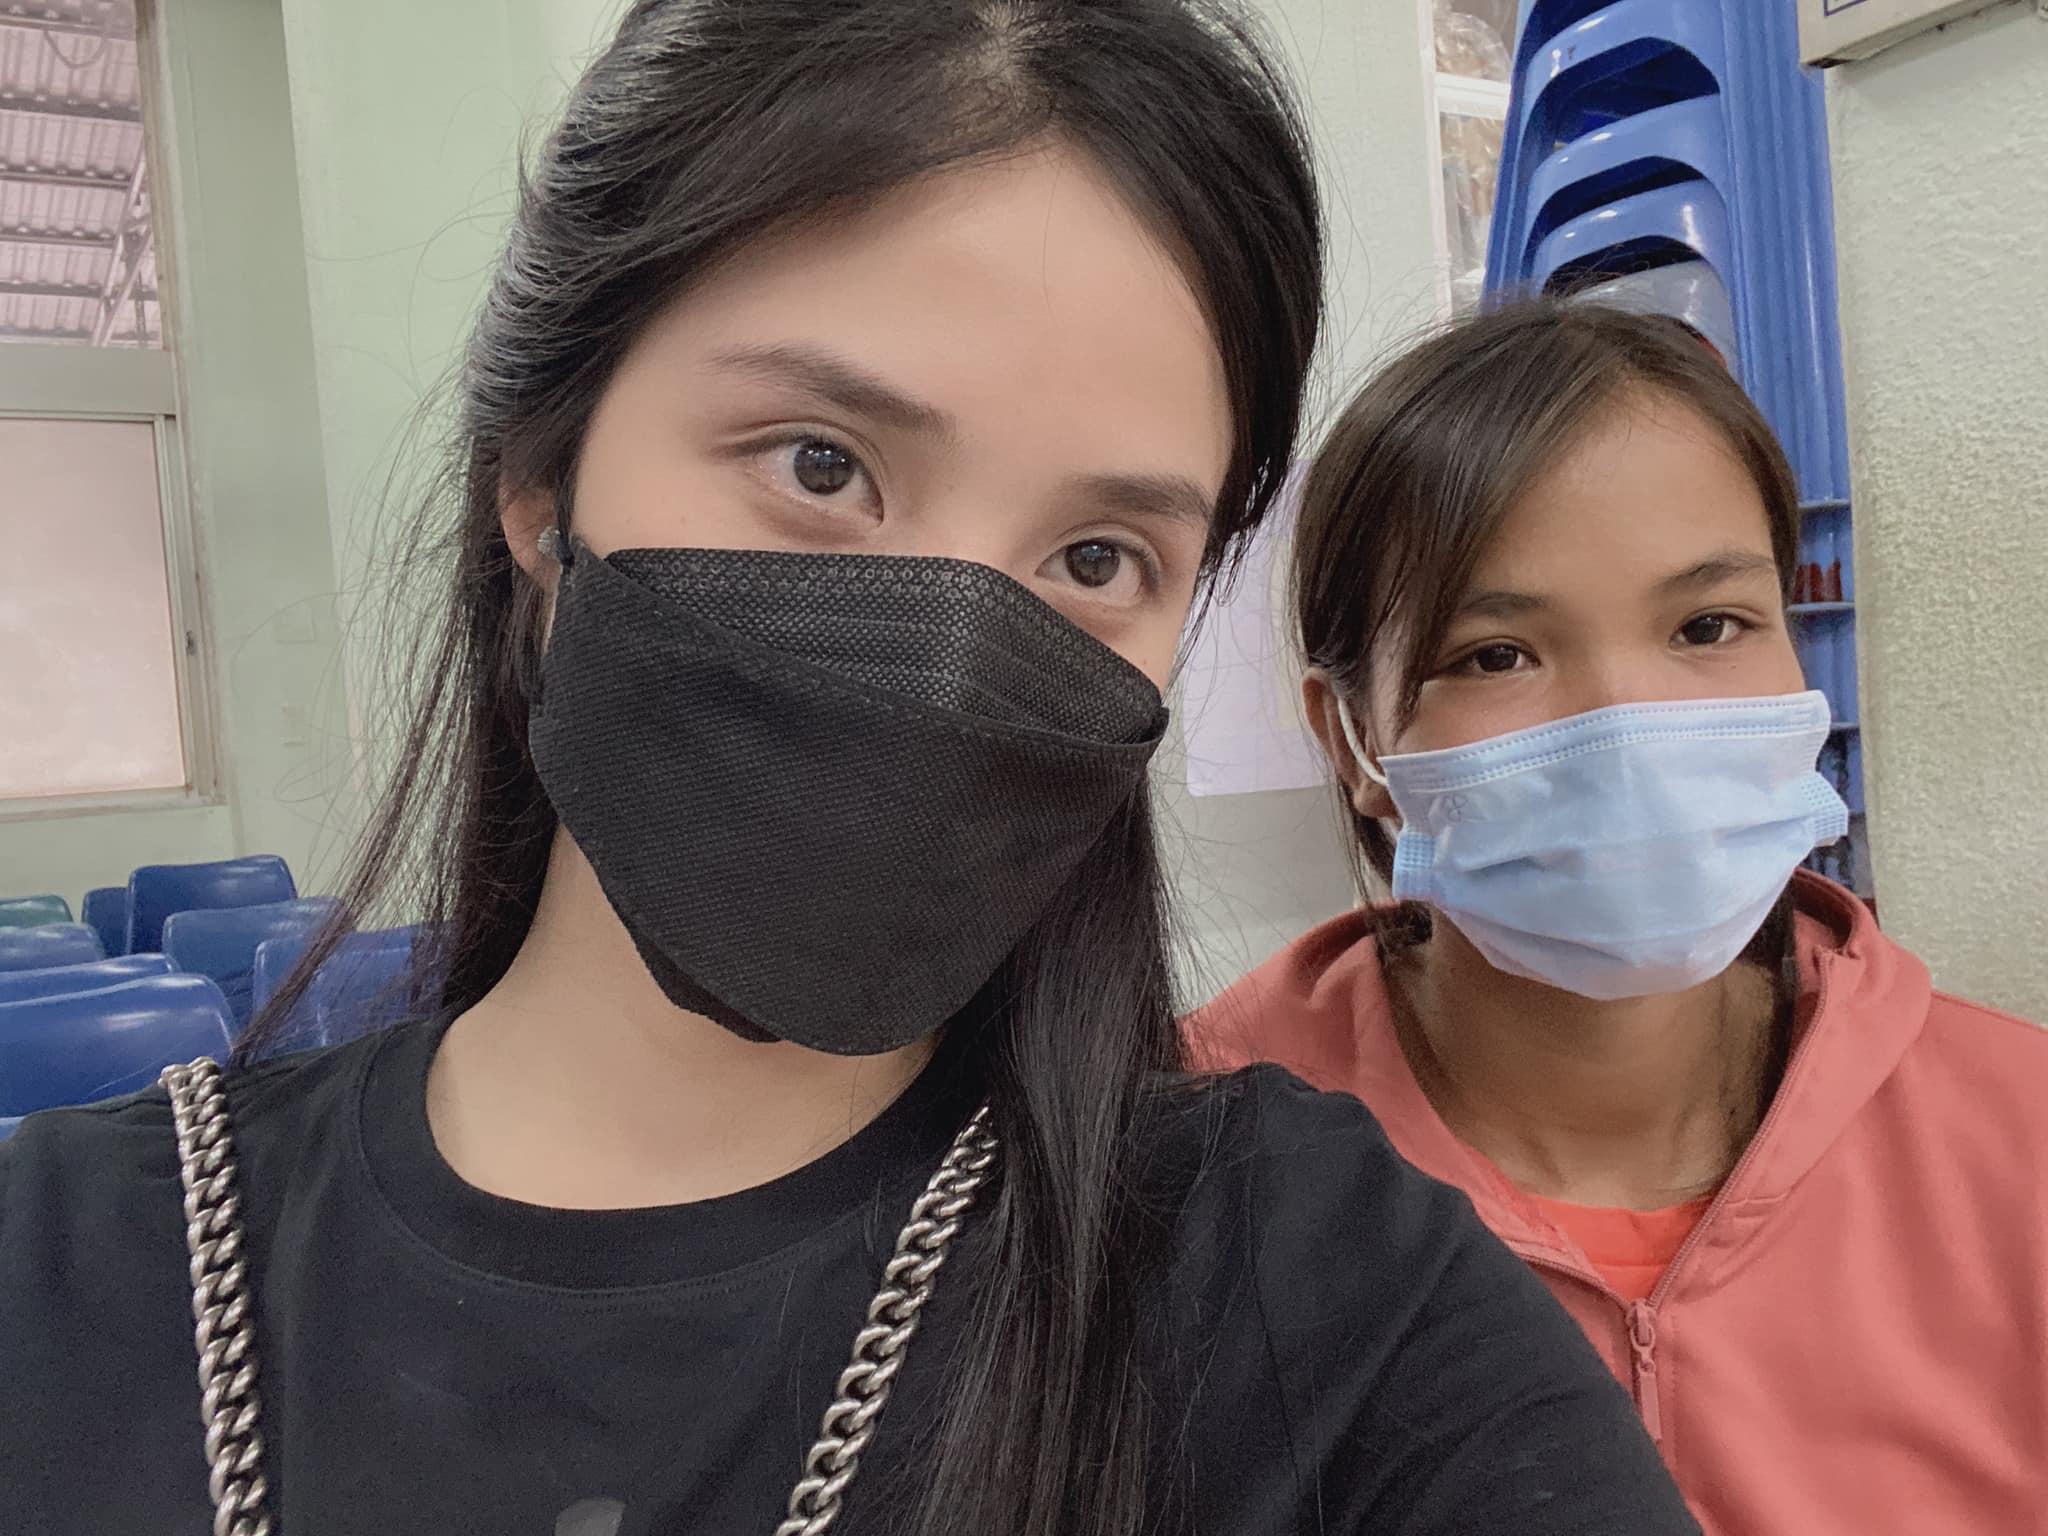 Chân dung hotgirl ra tay cứu giúp người đàn ông bị rắn hổ mang cắn ở Tây Ninh